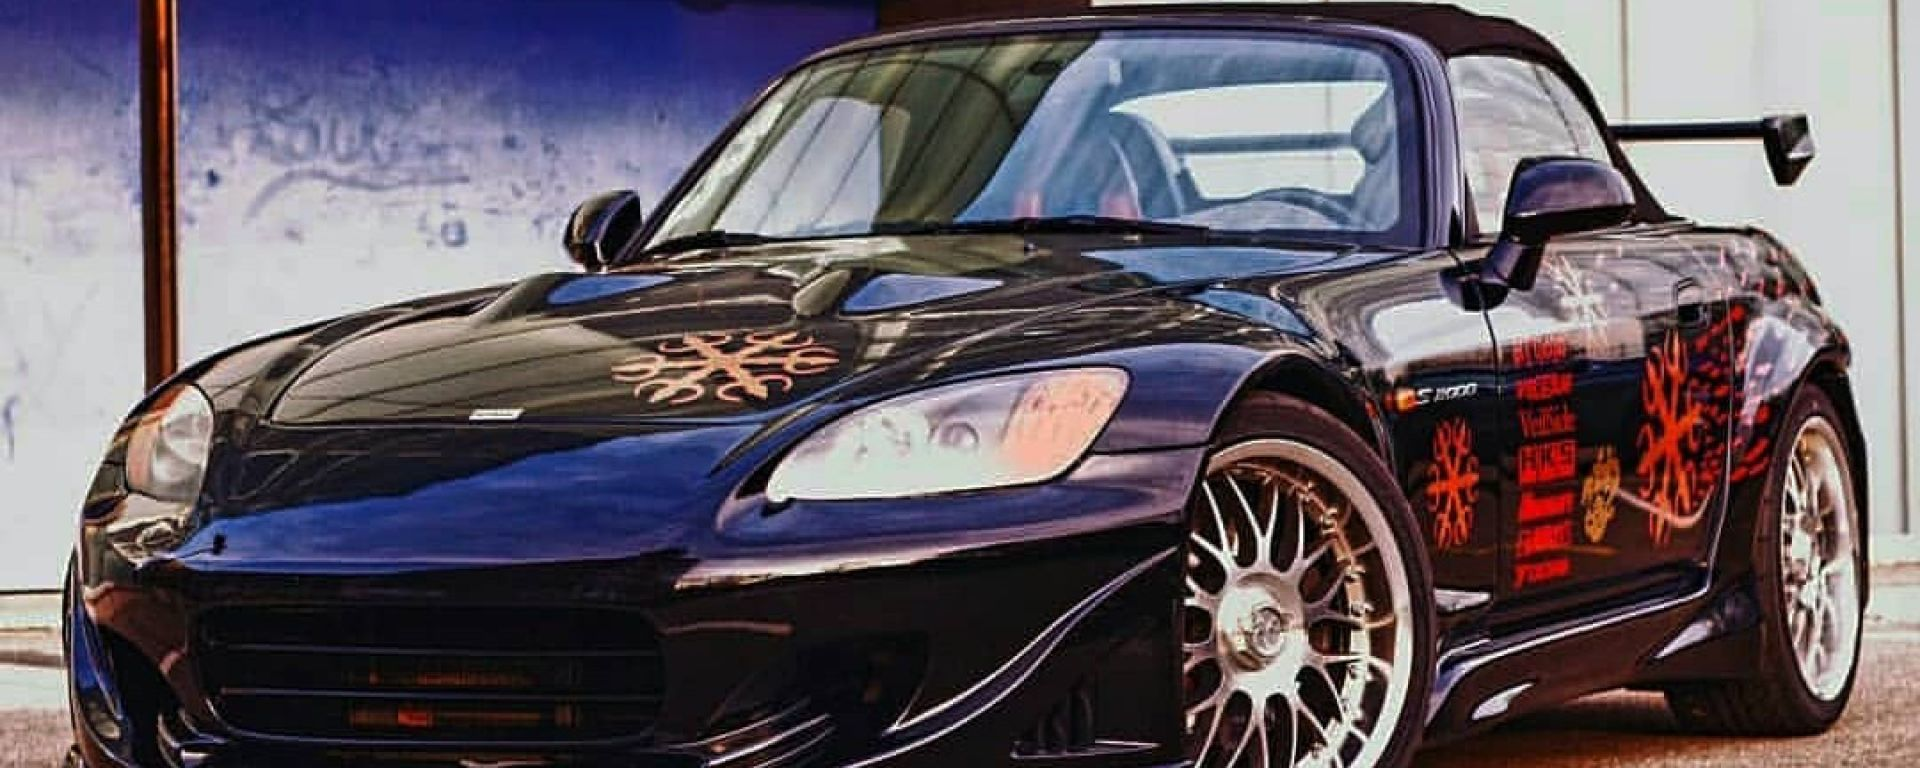 Honda S2000 Fast&Furious: la sportiva giapponese preparata per il primo film